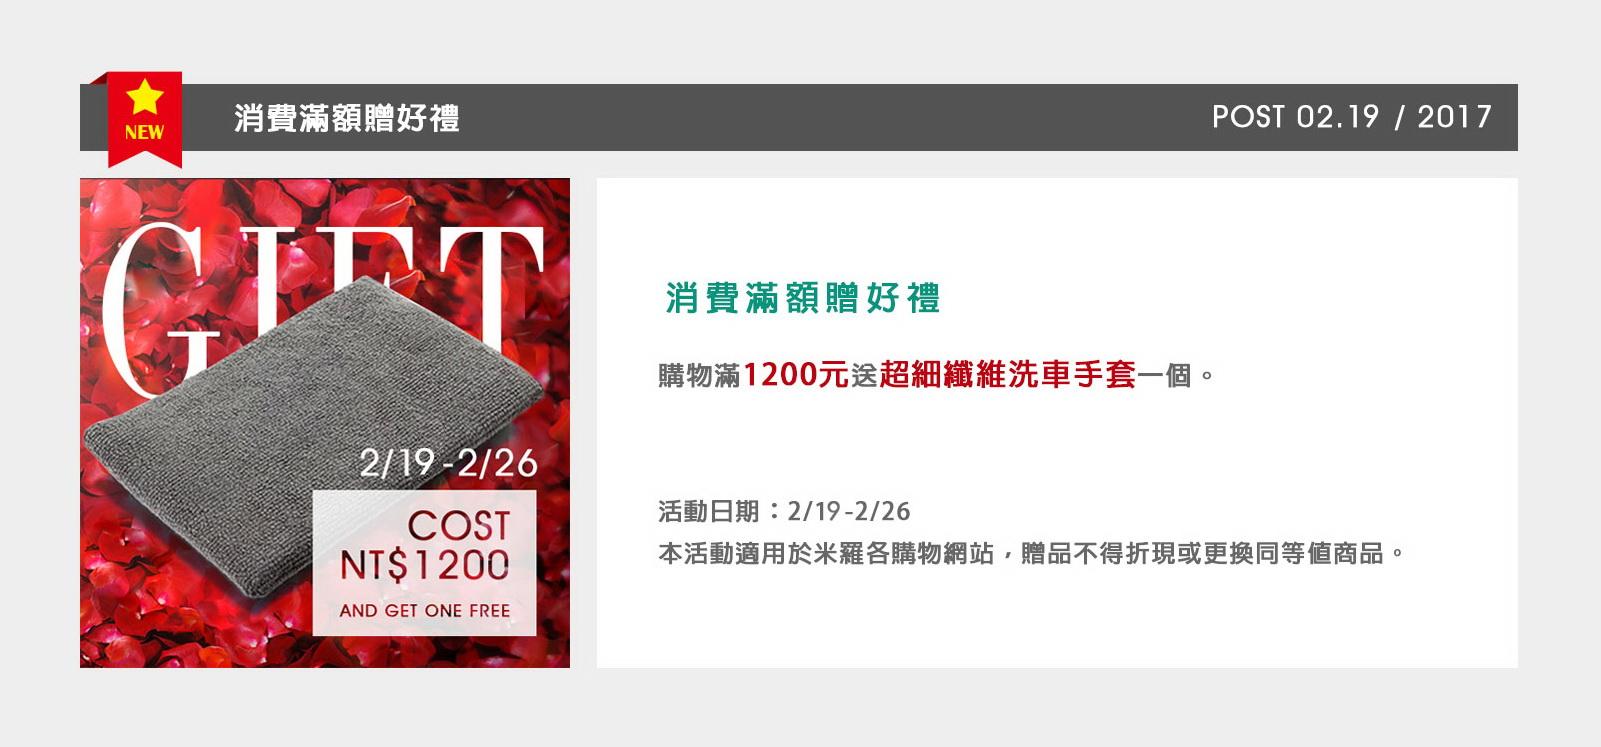 購物滿1200元送超細纖維洗車手套一個